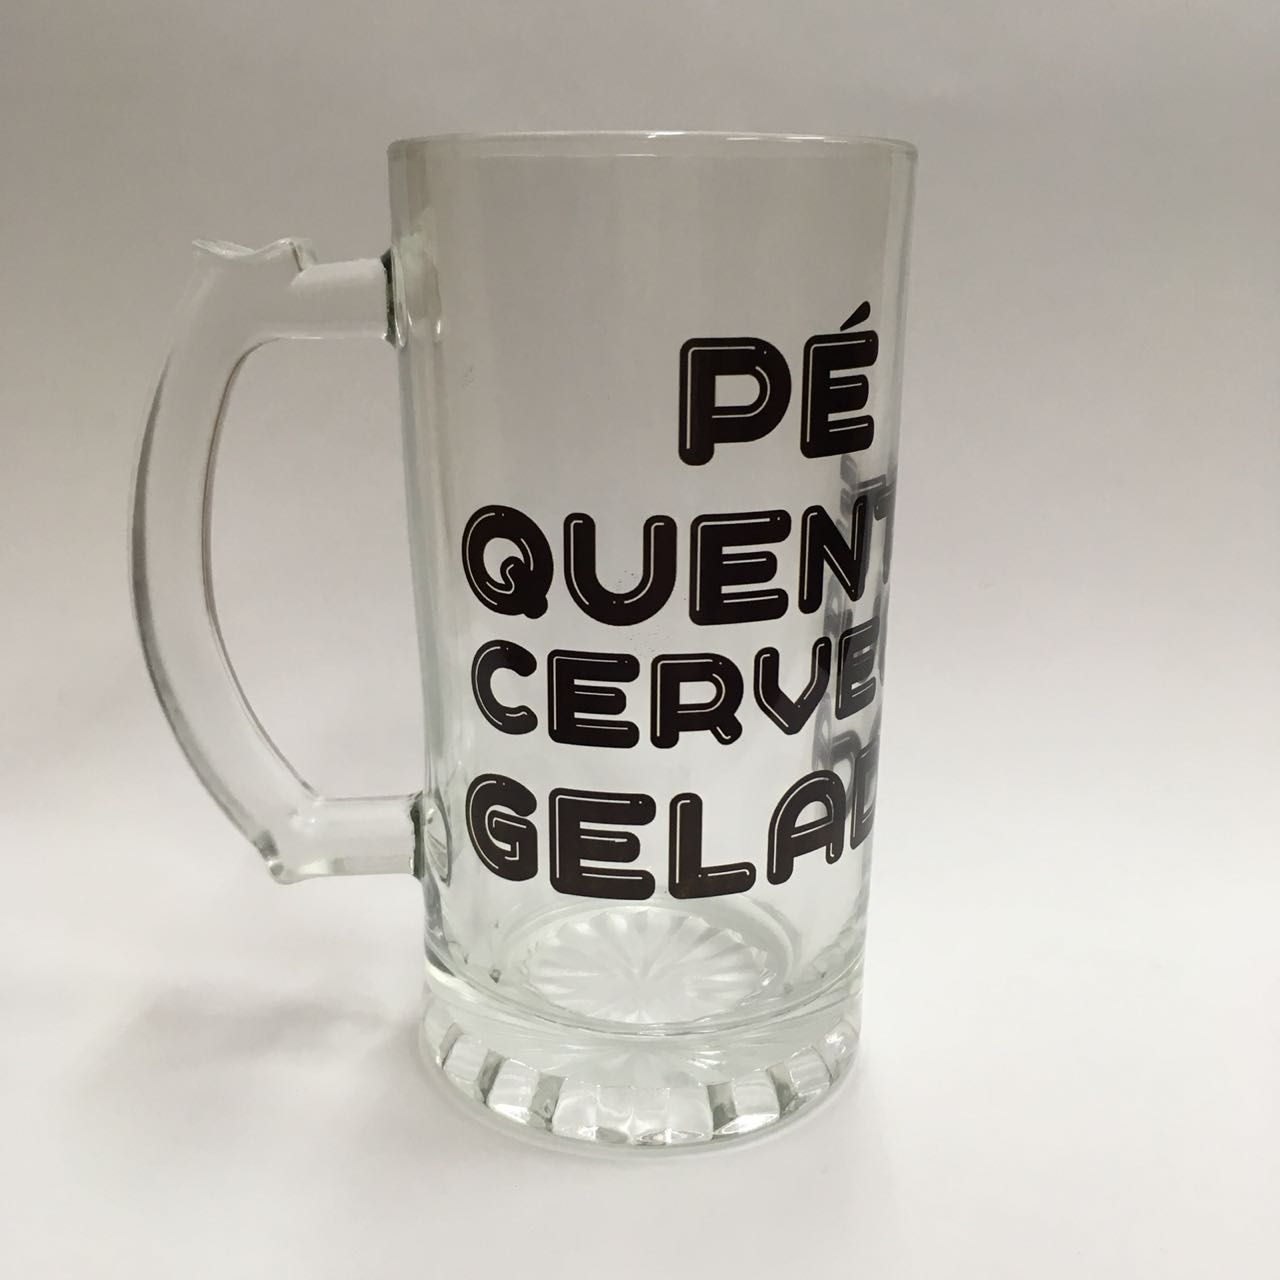 Caneco de Chopp de Vidro 475ml - Pé Quente Cerveja Gelada